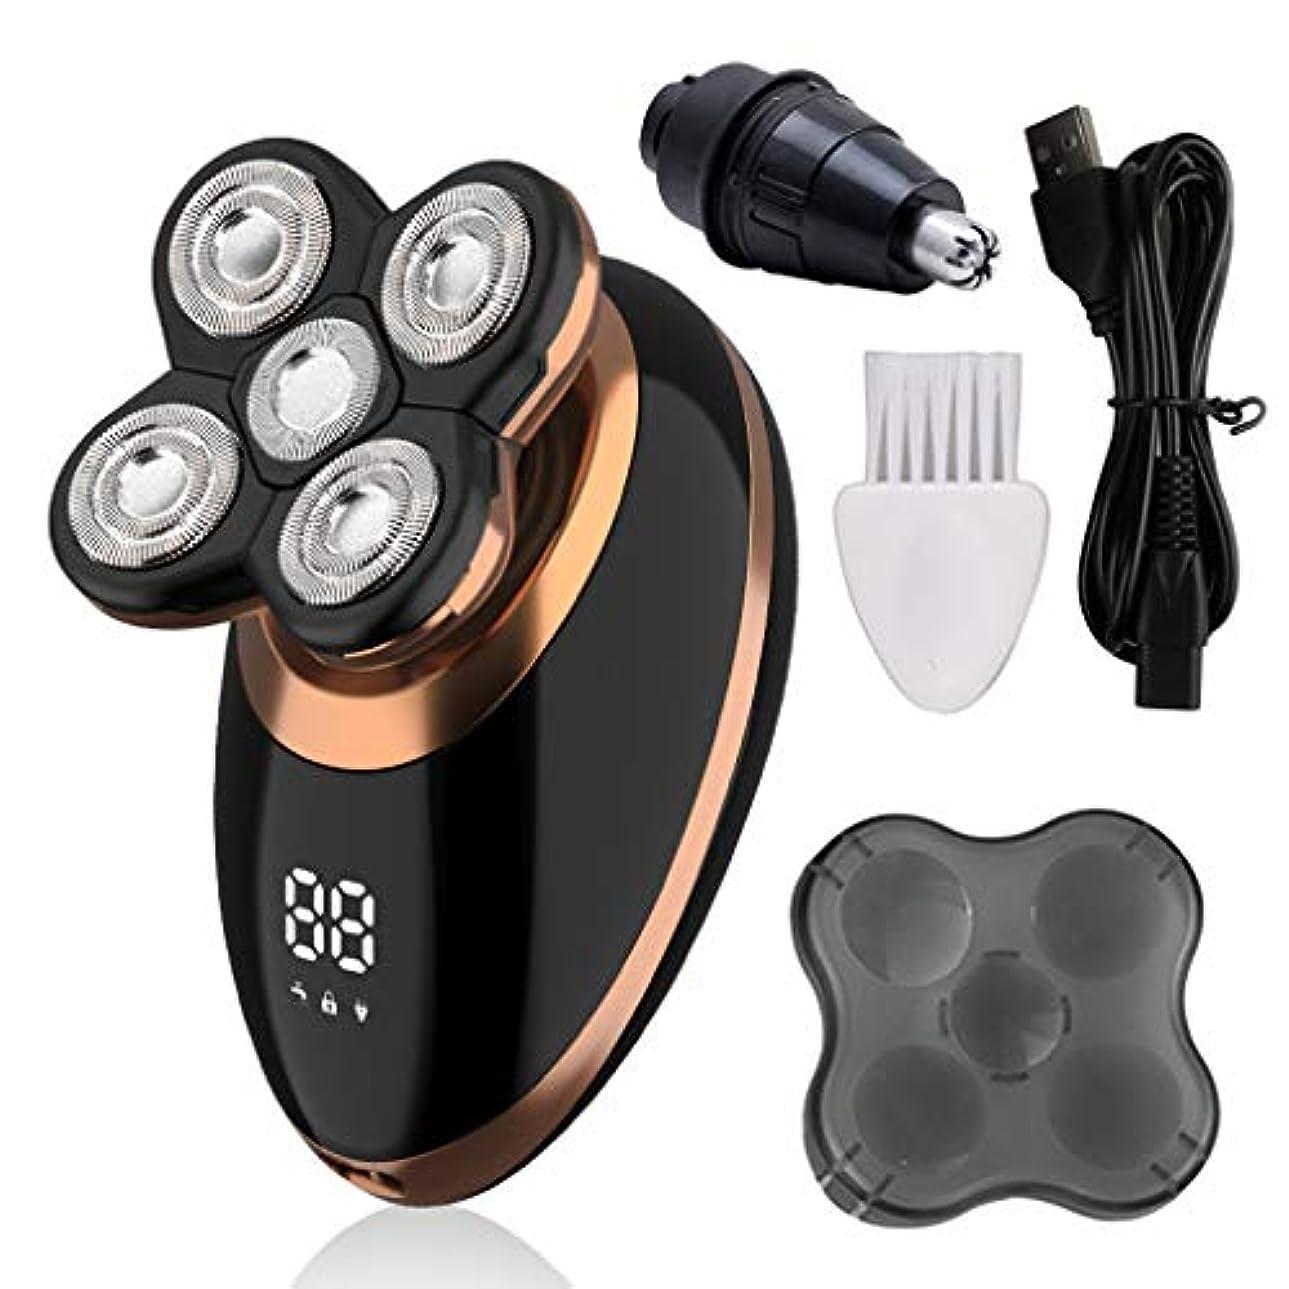 一生基準フェードアウトYHSUNN 多機能4-in-1インテリジェントデジタルディスプレイ男性シェービングヘッドマシン5-ヘッド電気シェーバー充電式かみそり